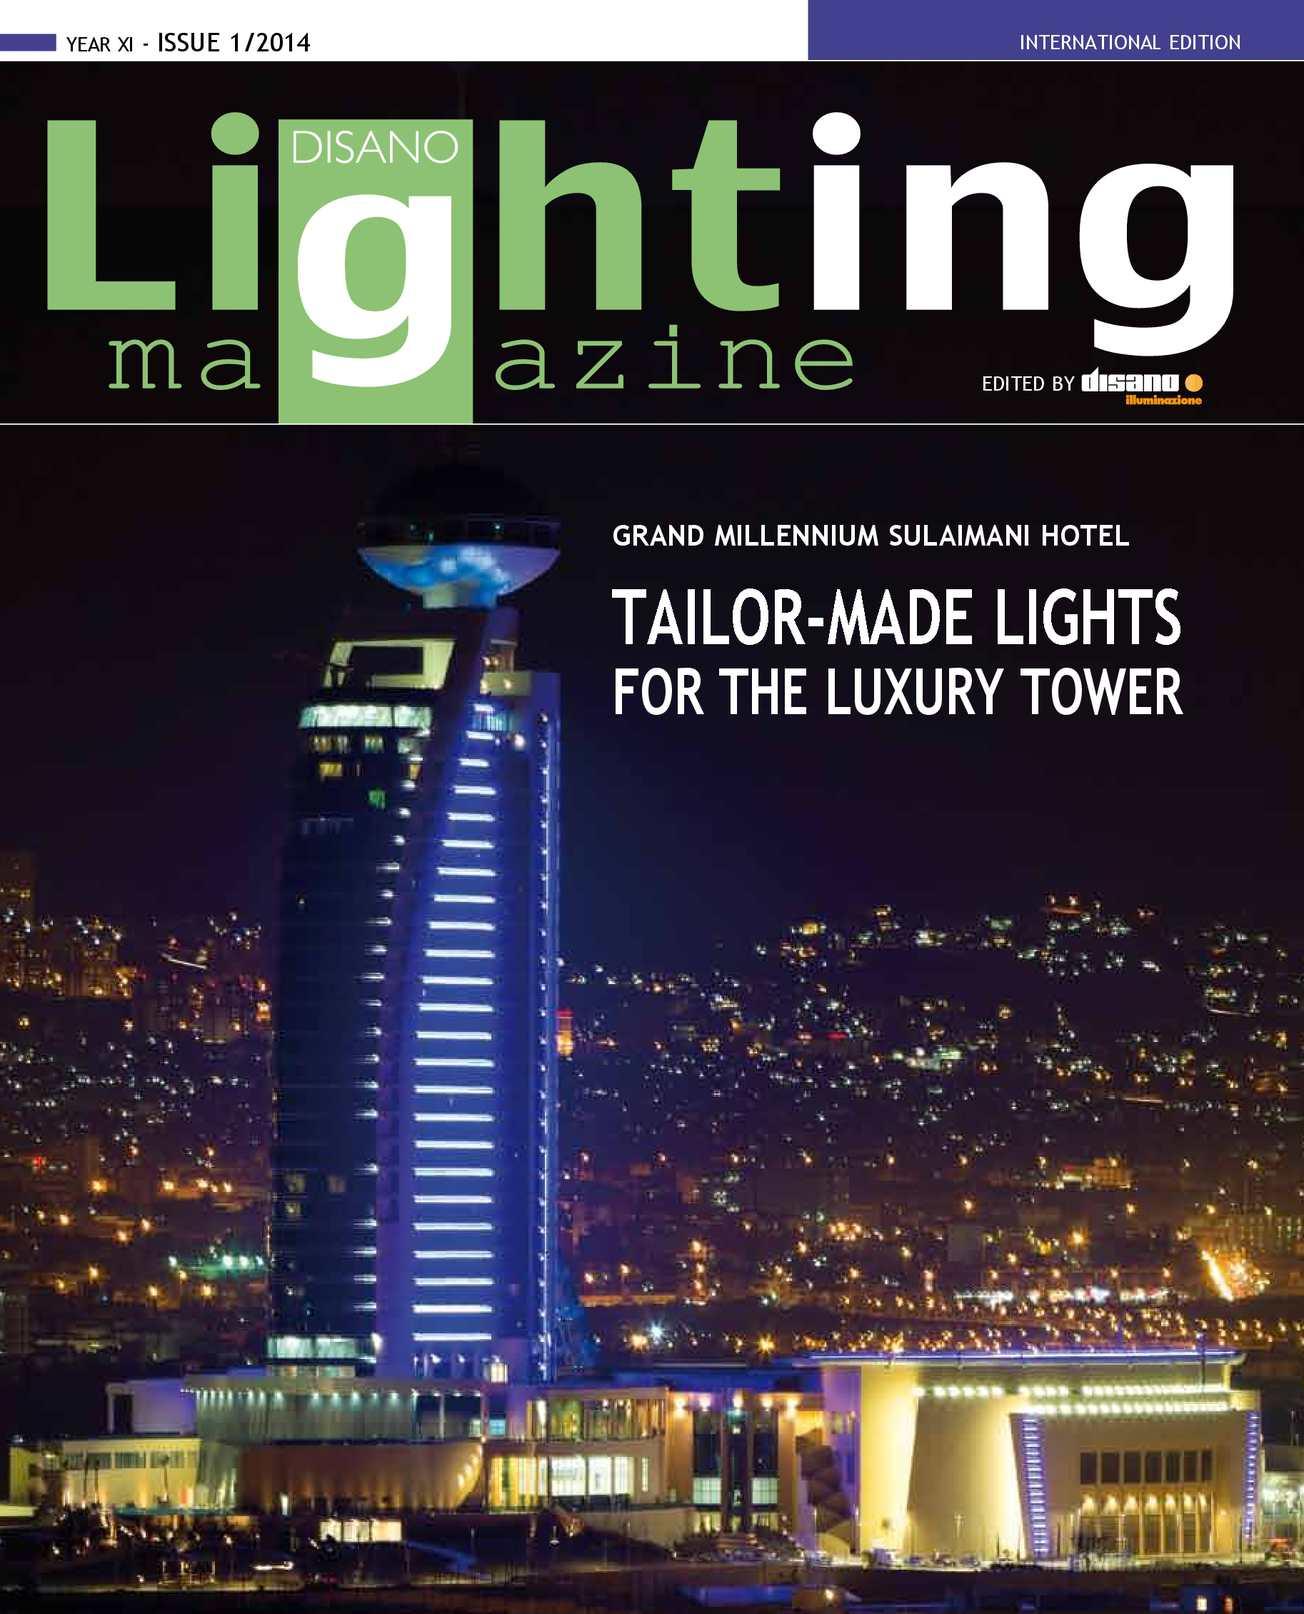 Luminaire Saint Martin D Heres calaméo - lighting magazine 31